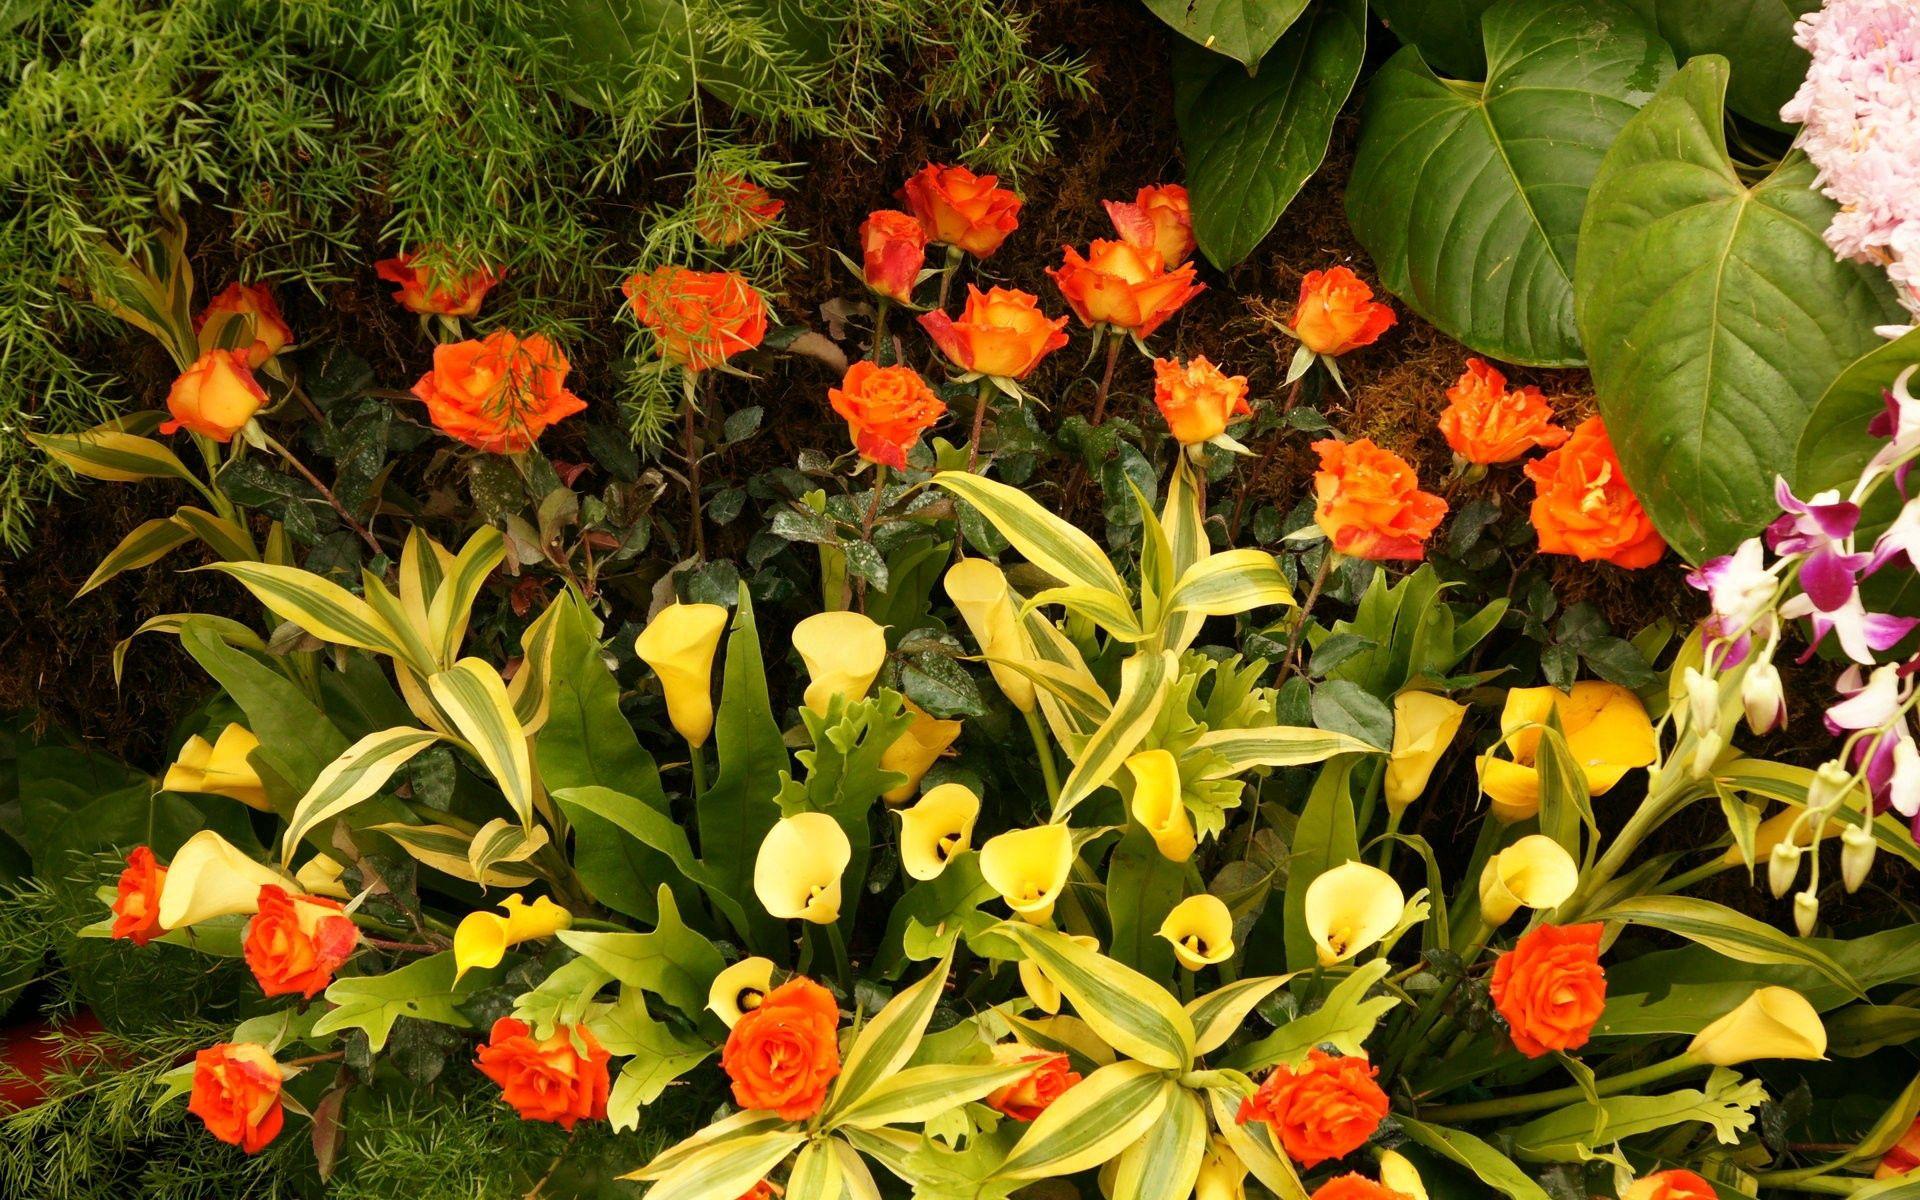 126427 скачать обои Цветы, Каллы, Зелень, Композиция, Розы - заставки и картинки бесплатно